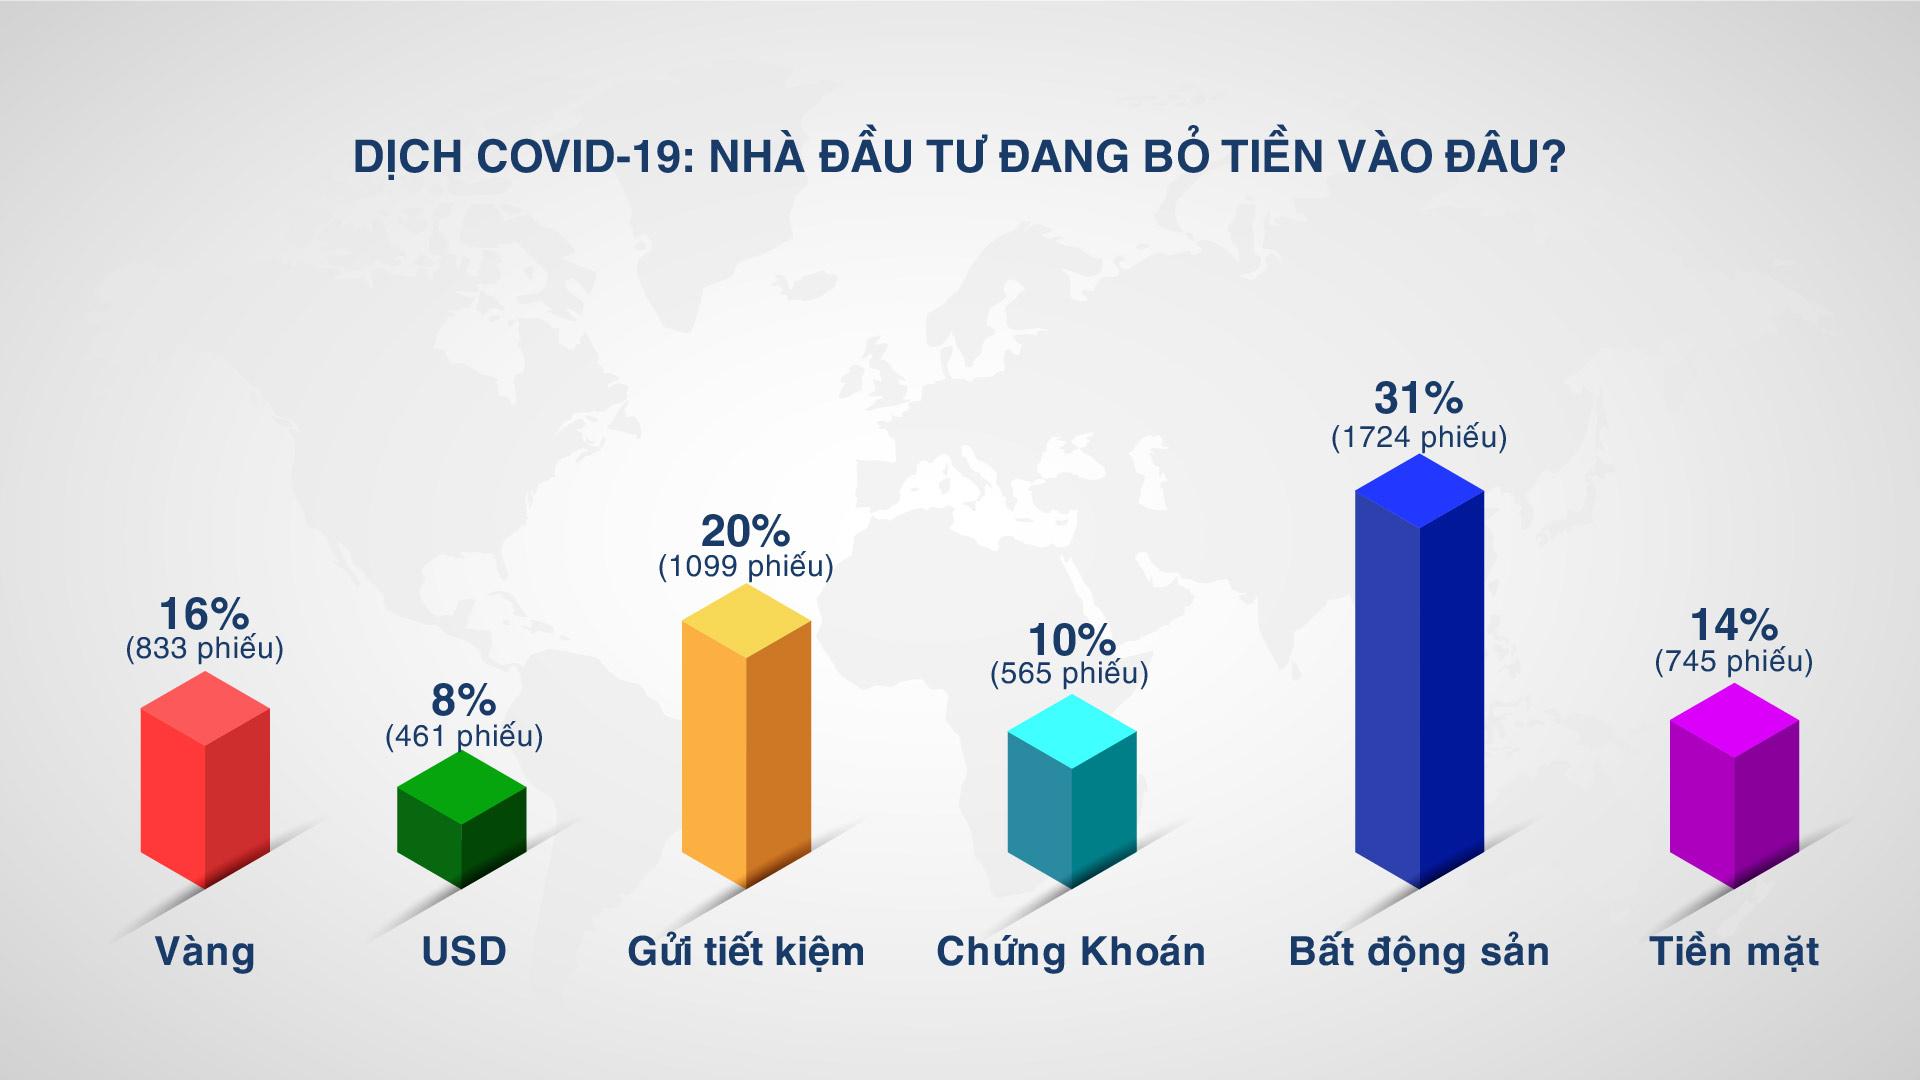 Dịch Covid-19: nhà đầu tư đang bỏ tiền vào đâu?